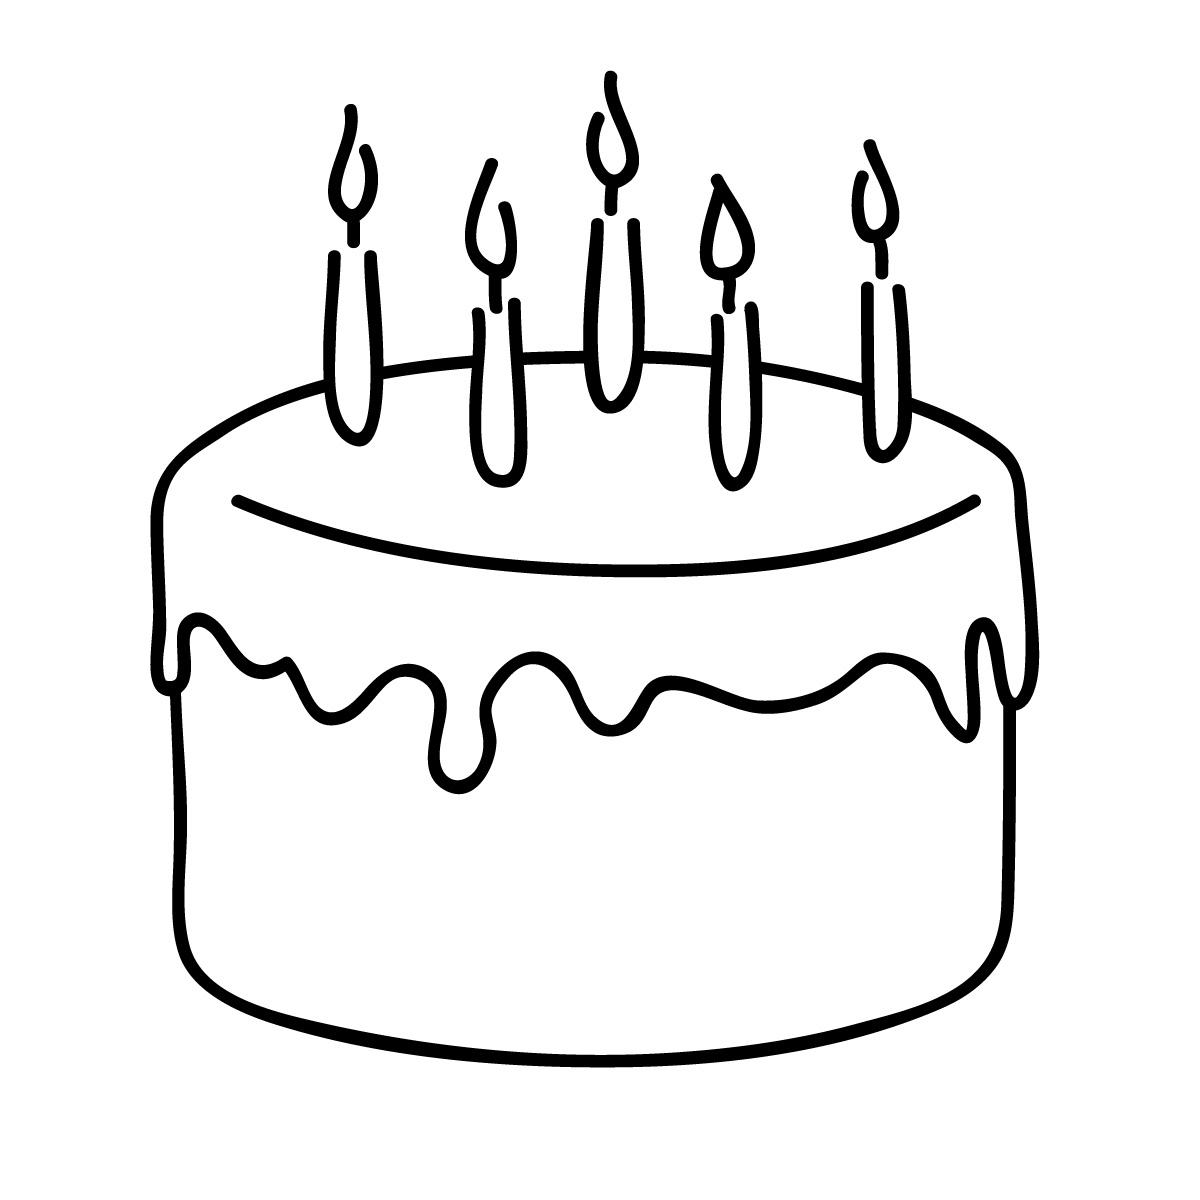 Bright image with regard to birthday cake template printable